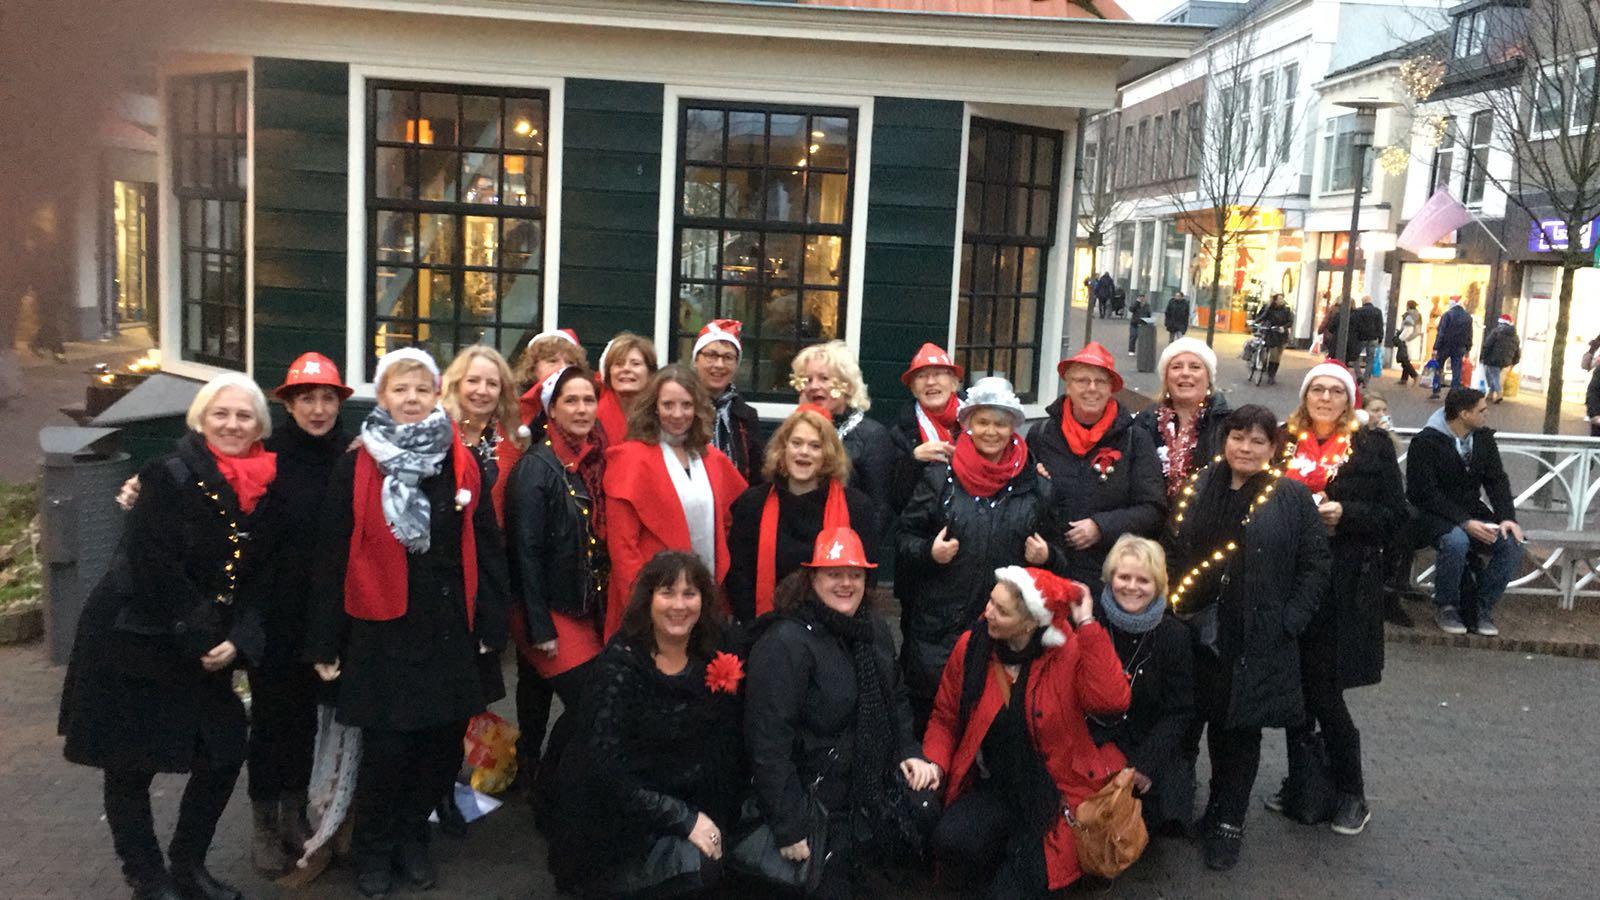 Kerstconcert Gedempte Gracht Zaandam 2016